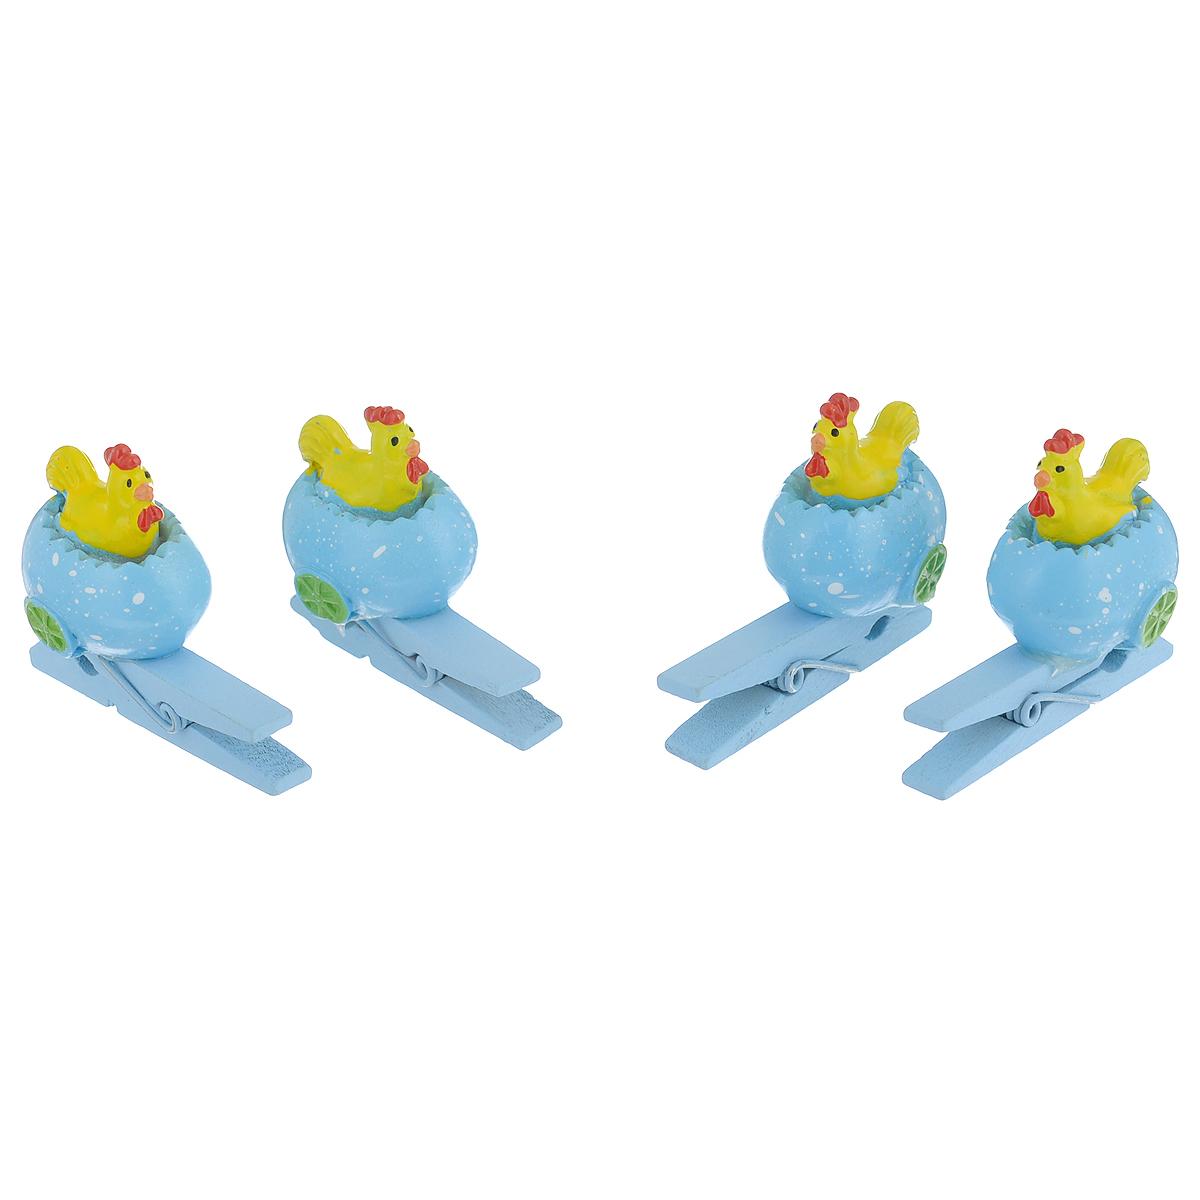 Набор декоративных прищепок Феникс-презент Петушки, 4 шт36918Набор Феникс-презент Петушки состоит из 4 декоративных прищепок, выполненных из дерева. Прищепки оформлены декоративными фигурками из полирезины в виде петушков в яйцах. Изделия используются для развешивания стикеров на веревке, маленьких игрушек, а оригинальность и веселые цвета прищепок будут радовать глаз и поднимут настроение. Размер прищепки: 4 см х 2 см х 3 см.